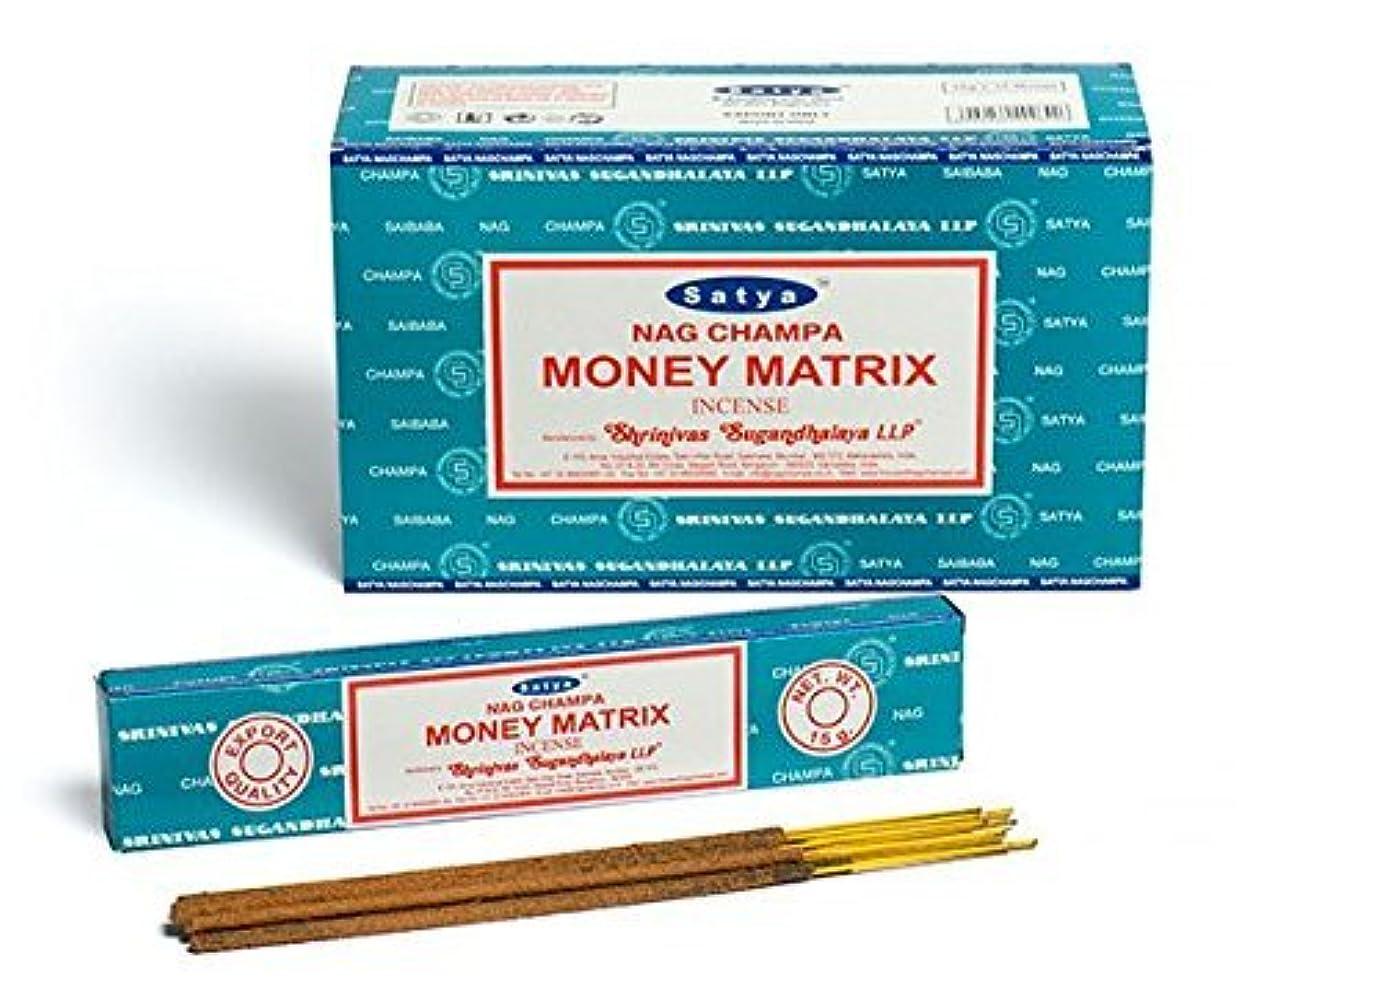 見分ける引き金致死Buycrafty Satya Champa Money Matrix Incense Stick,180 Grams Box (15g x 12 Boxes)